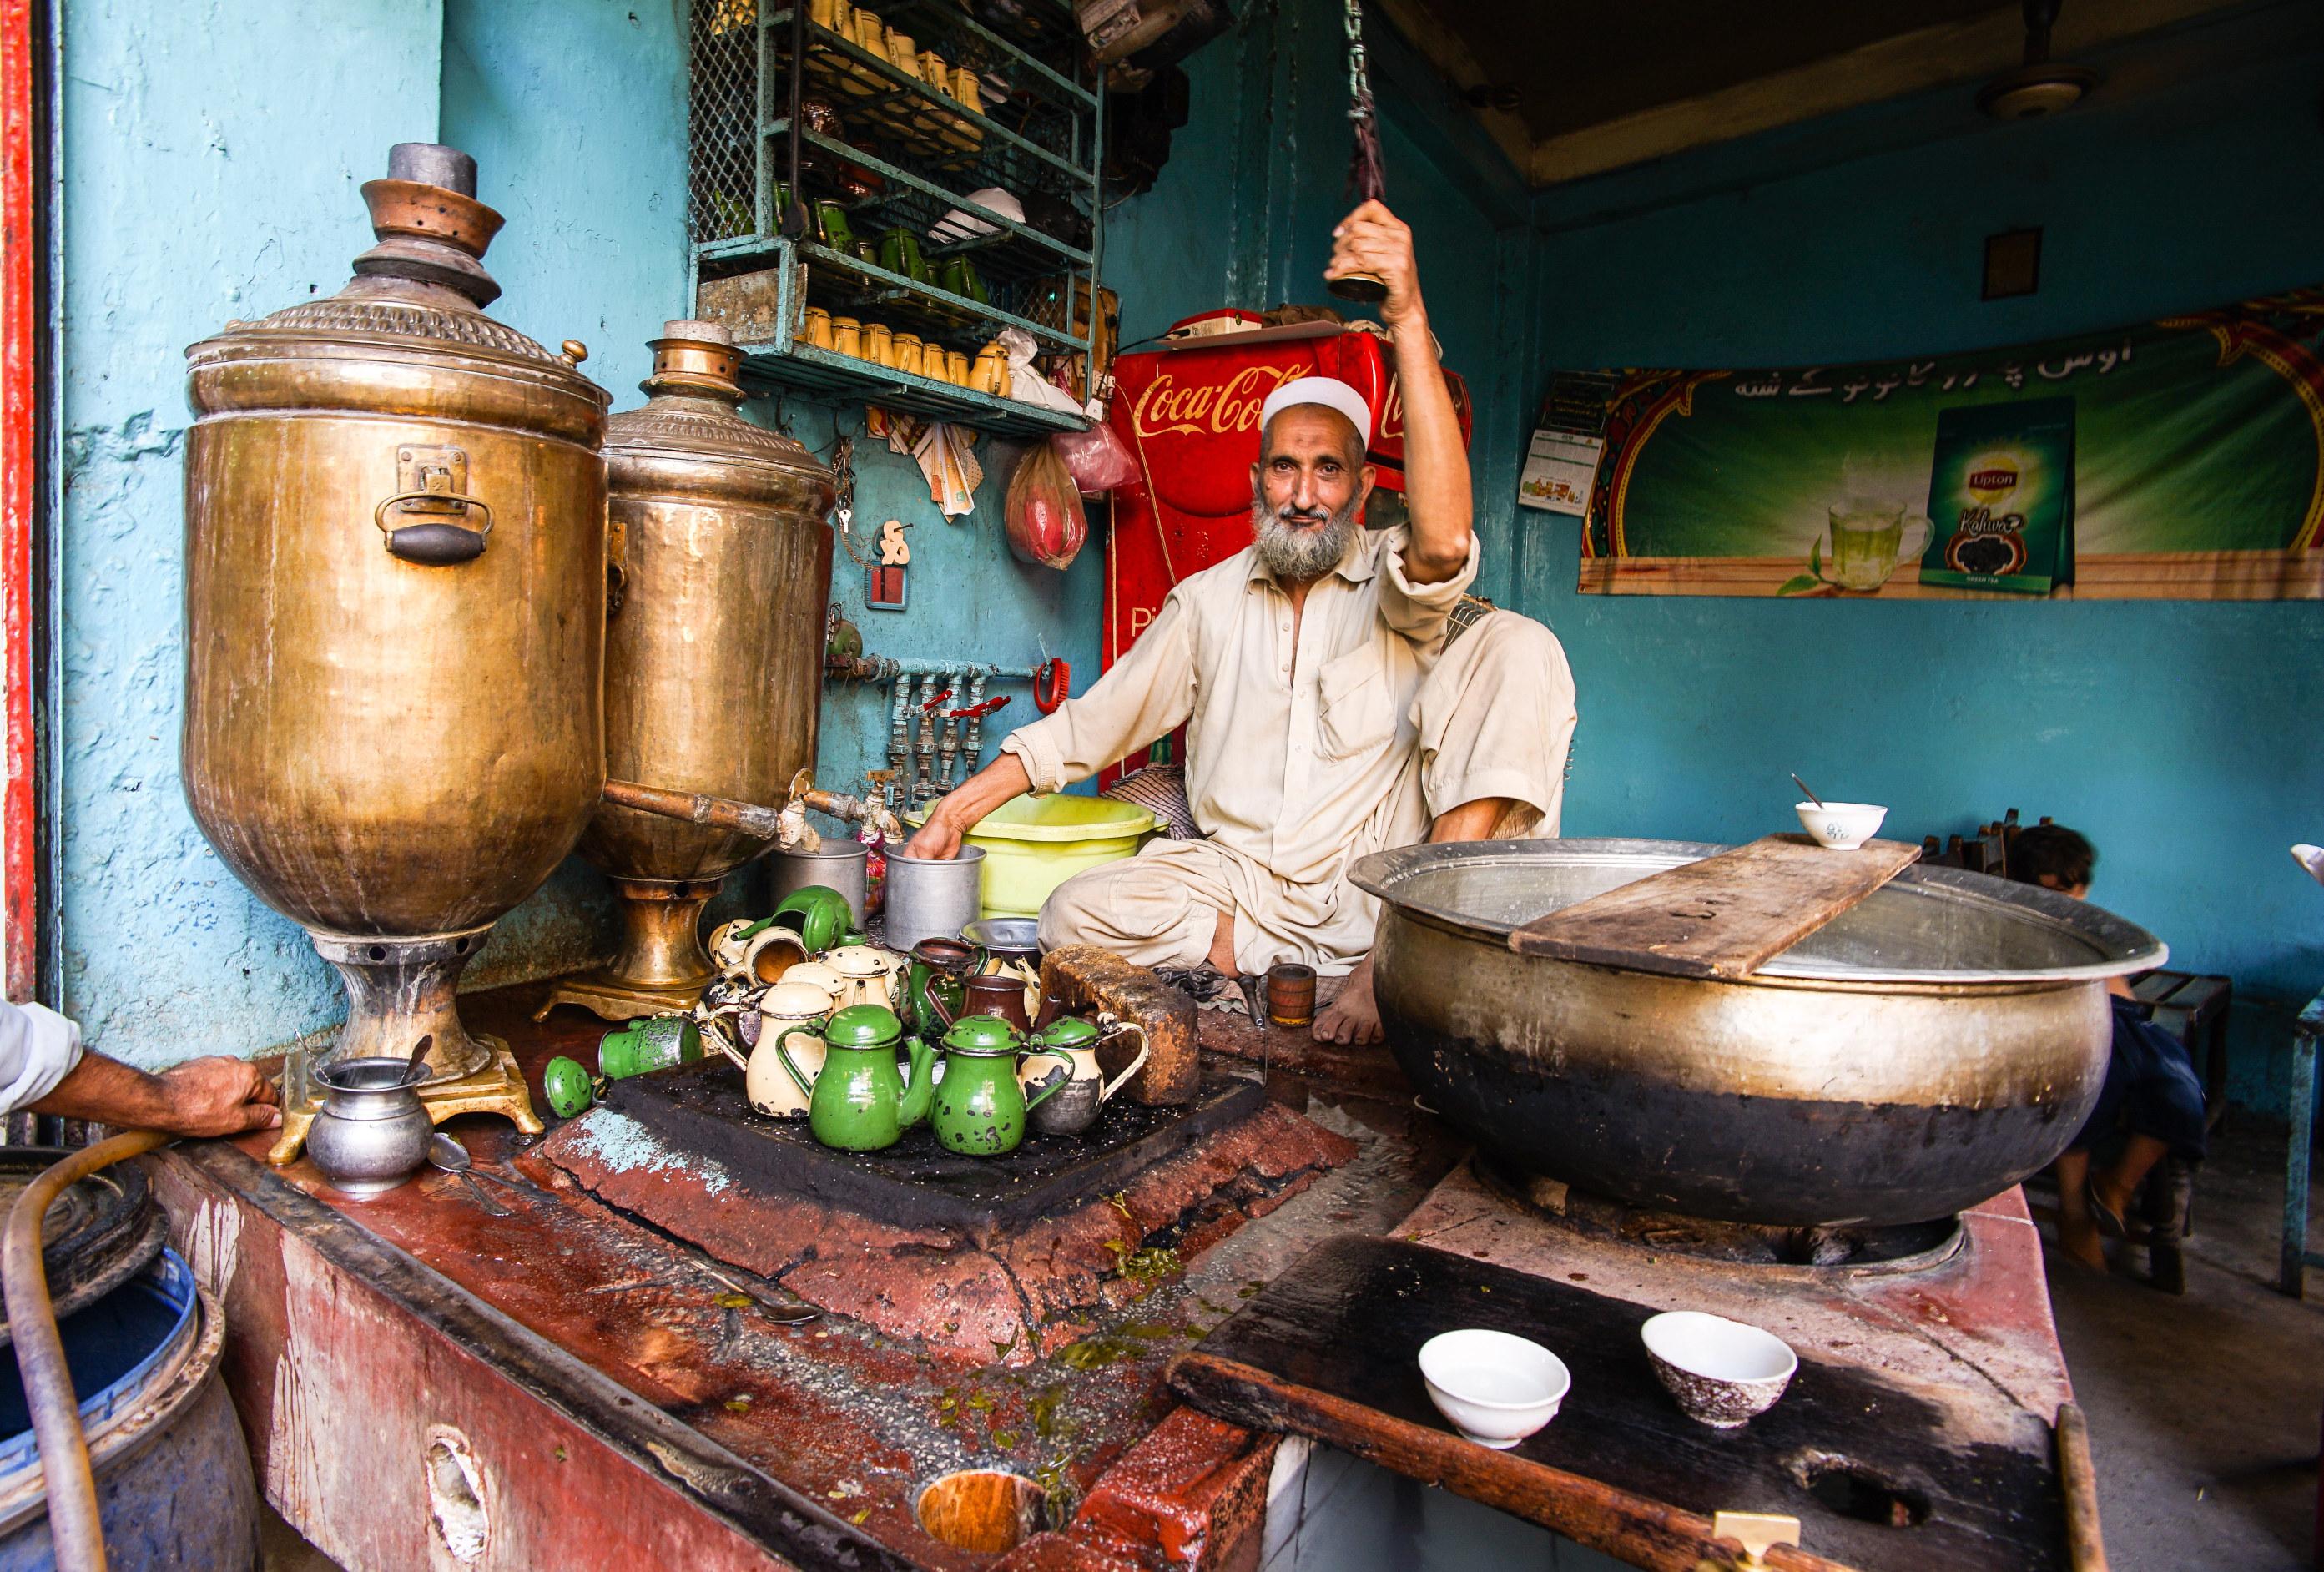 Teeverkäufer auf dem Markt in Peshawar in Pakistan, ©  Eckhard Gollnow